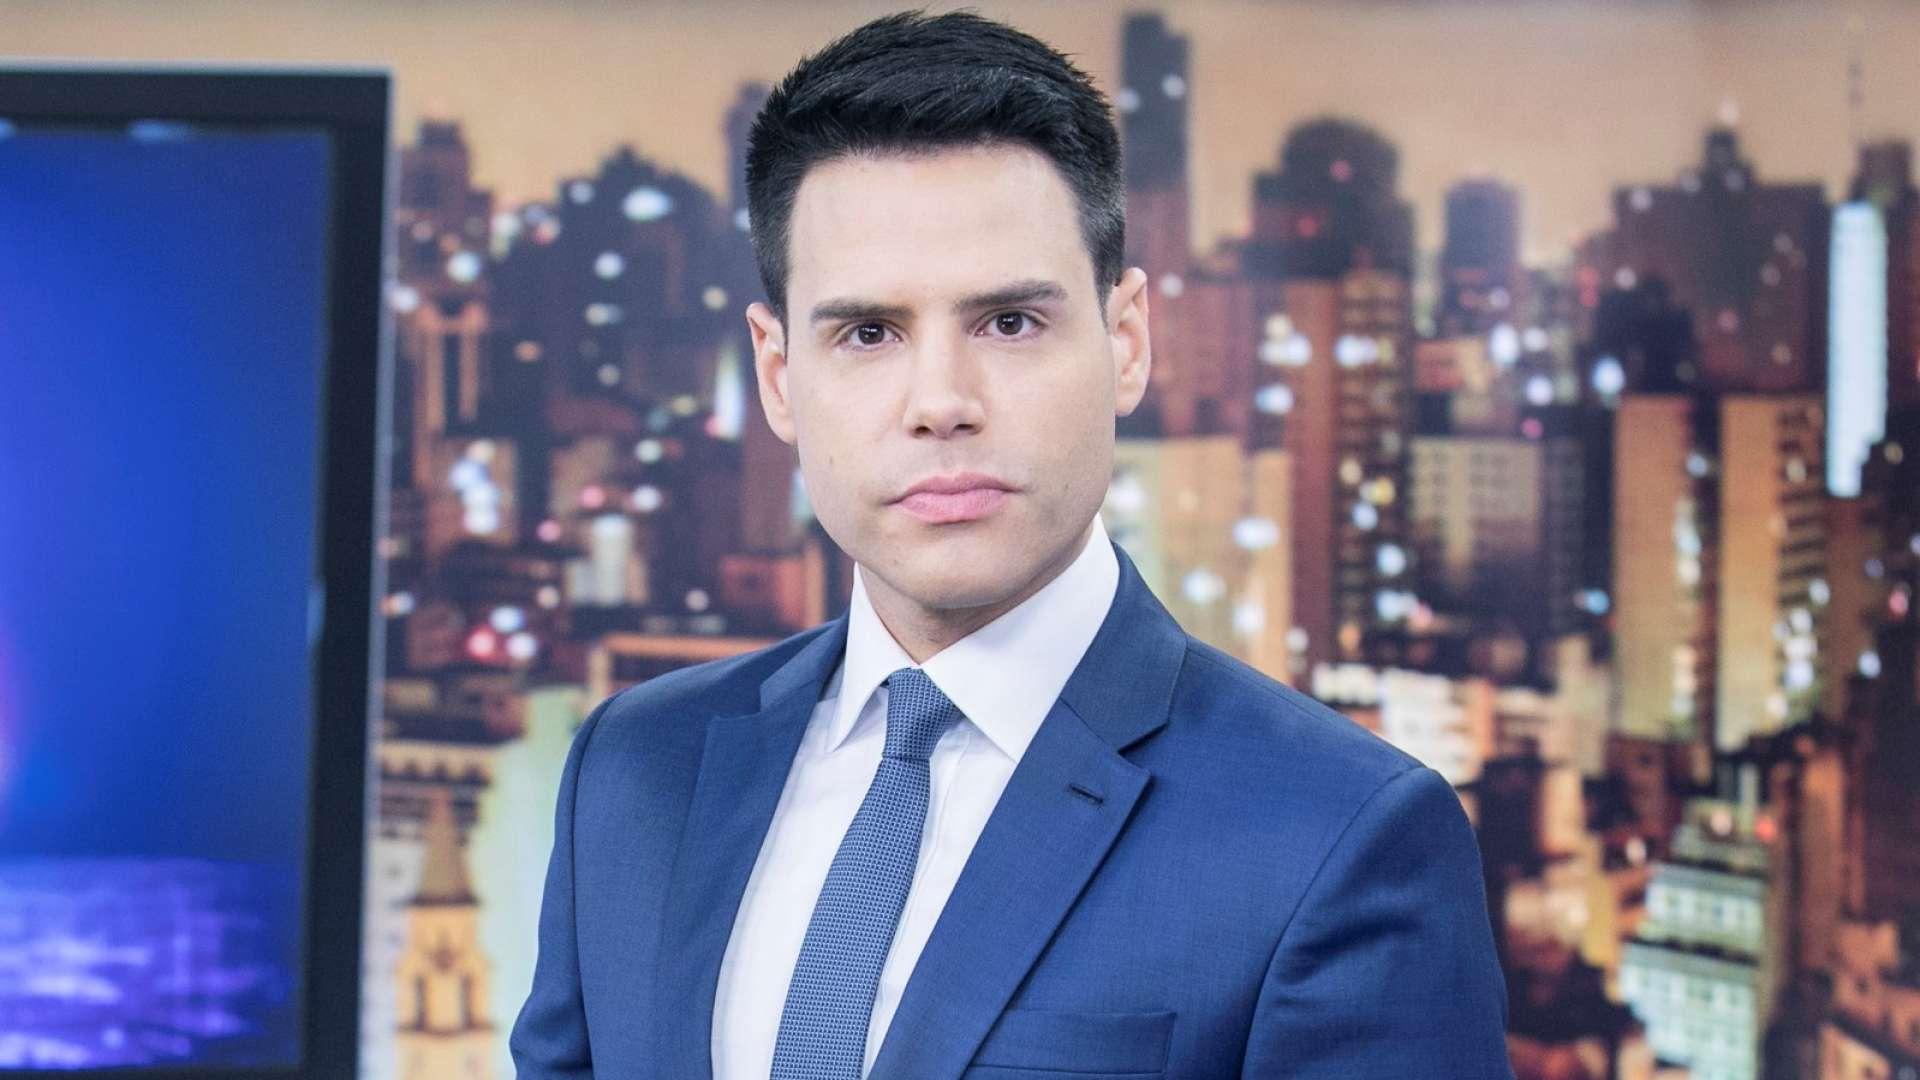 Luiz Bacci insinua que faz sexo todos os dias, transa no primeiro encontro e lamenta carência